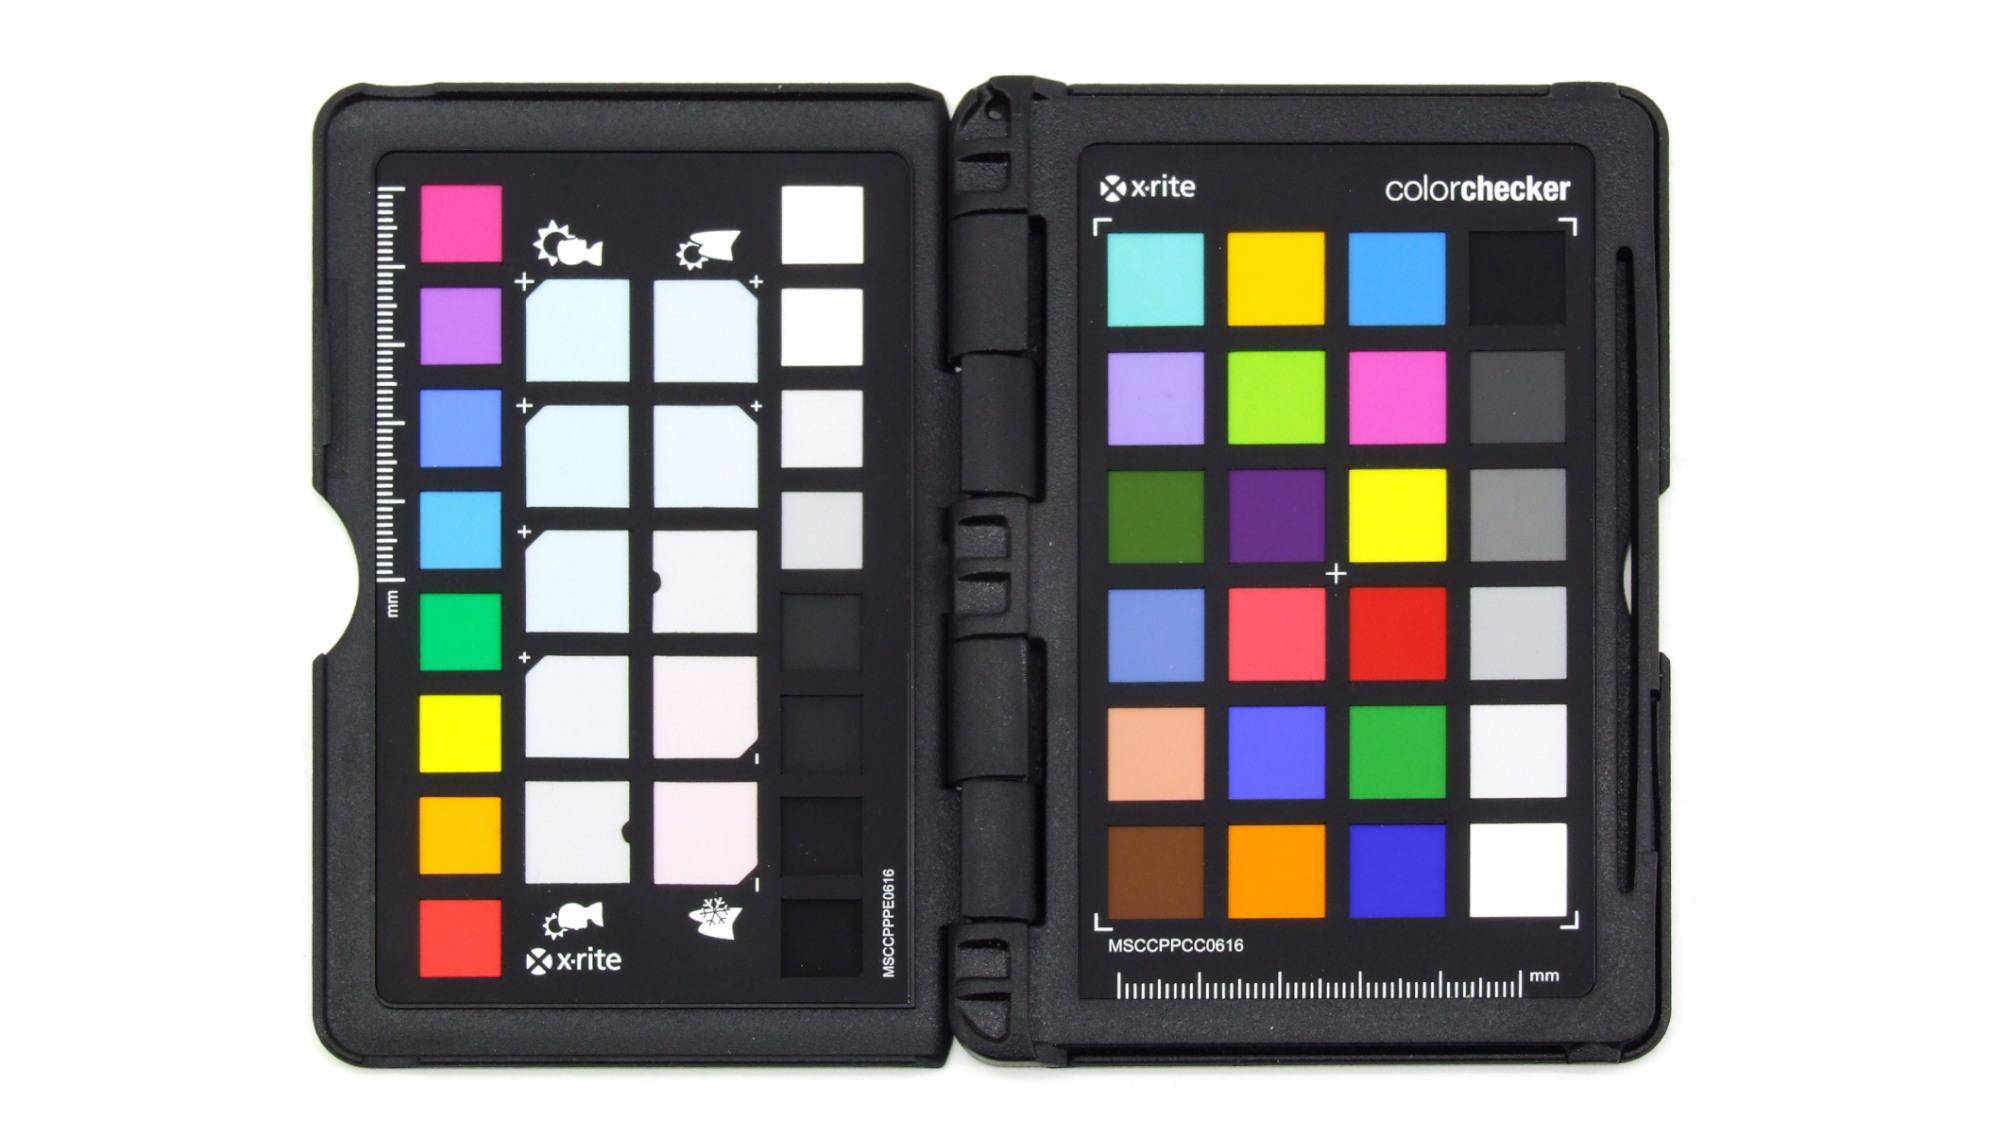 Color Checker Kamerakalibrierung leihen